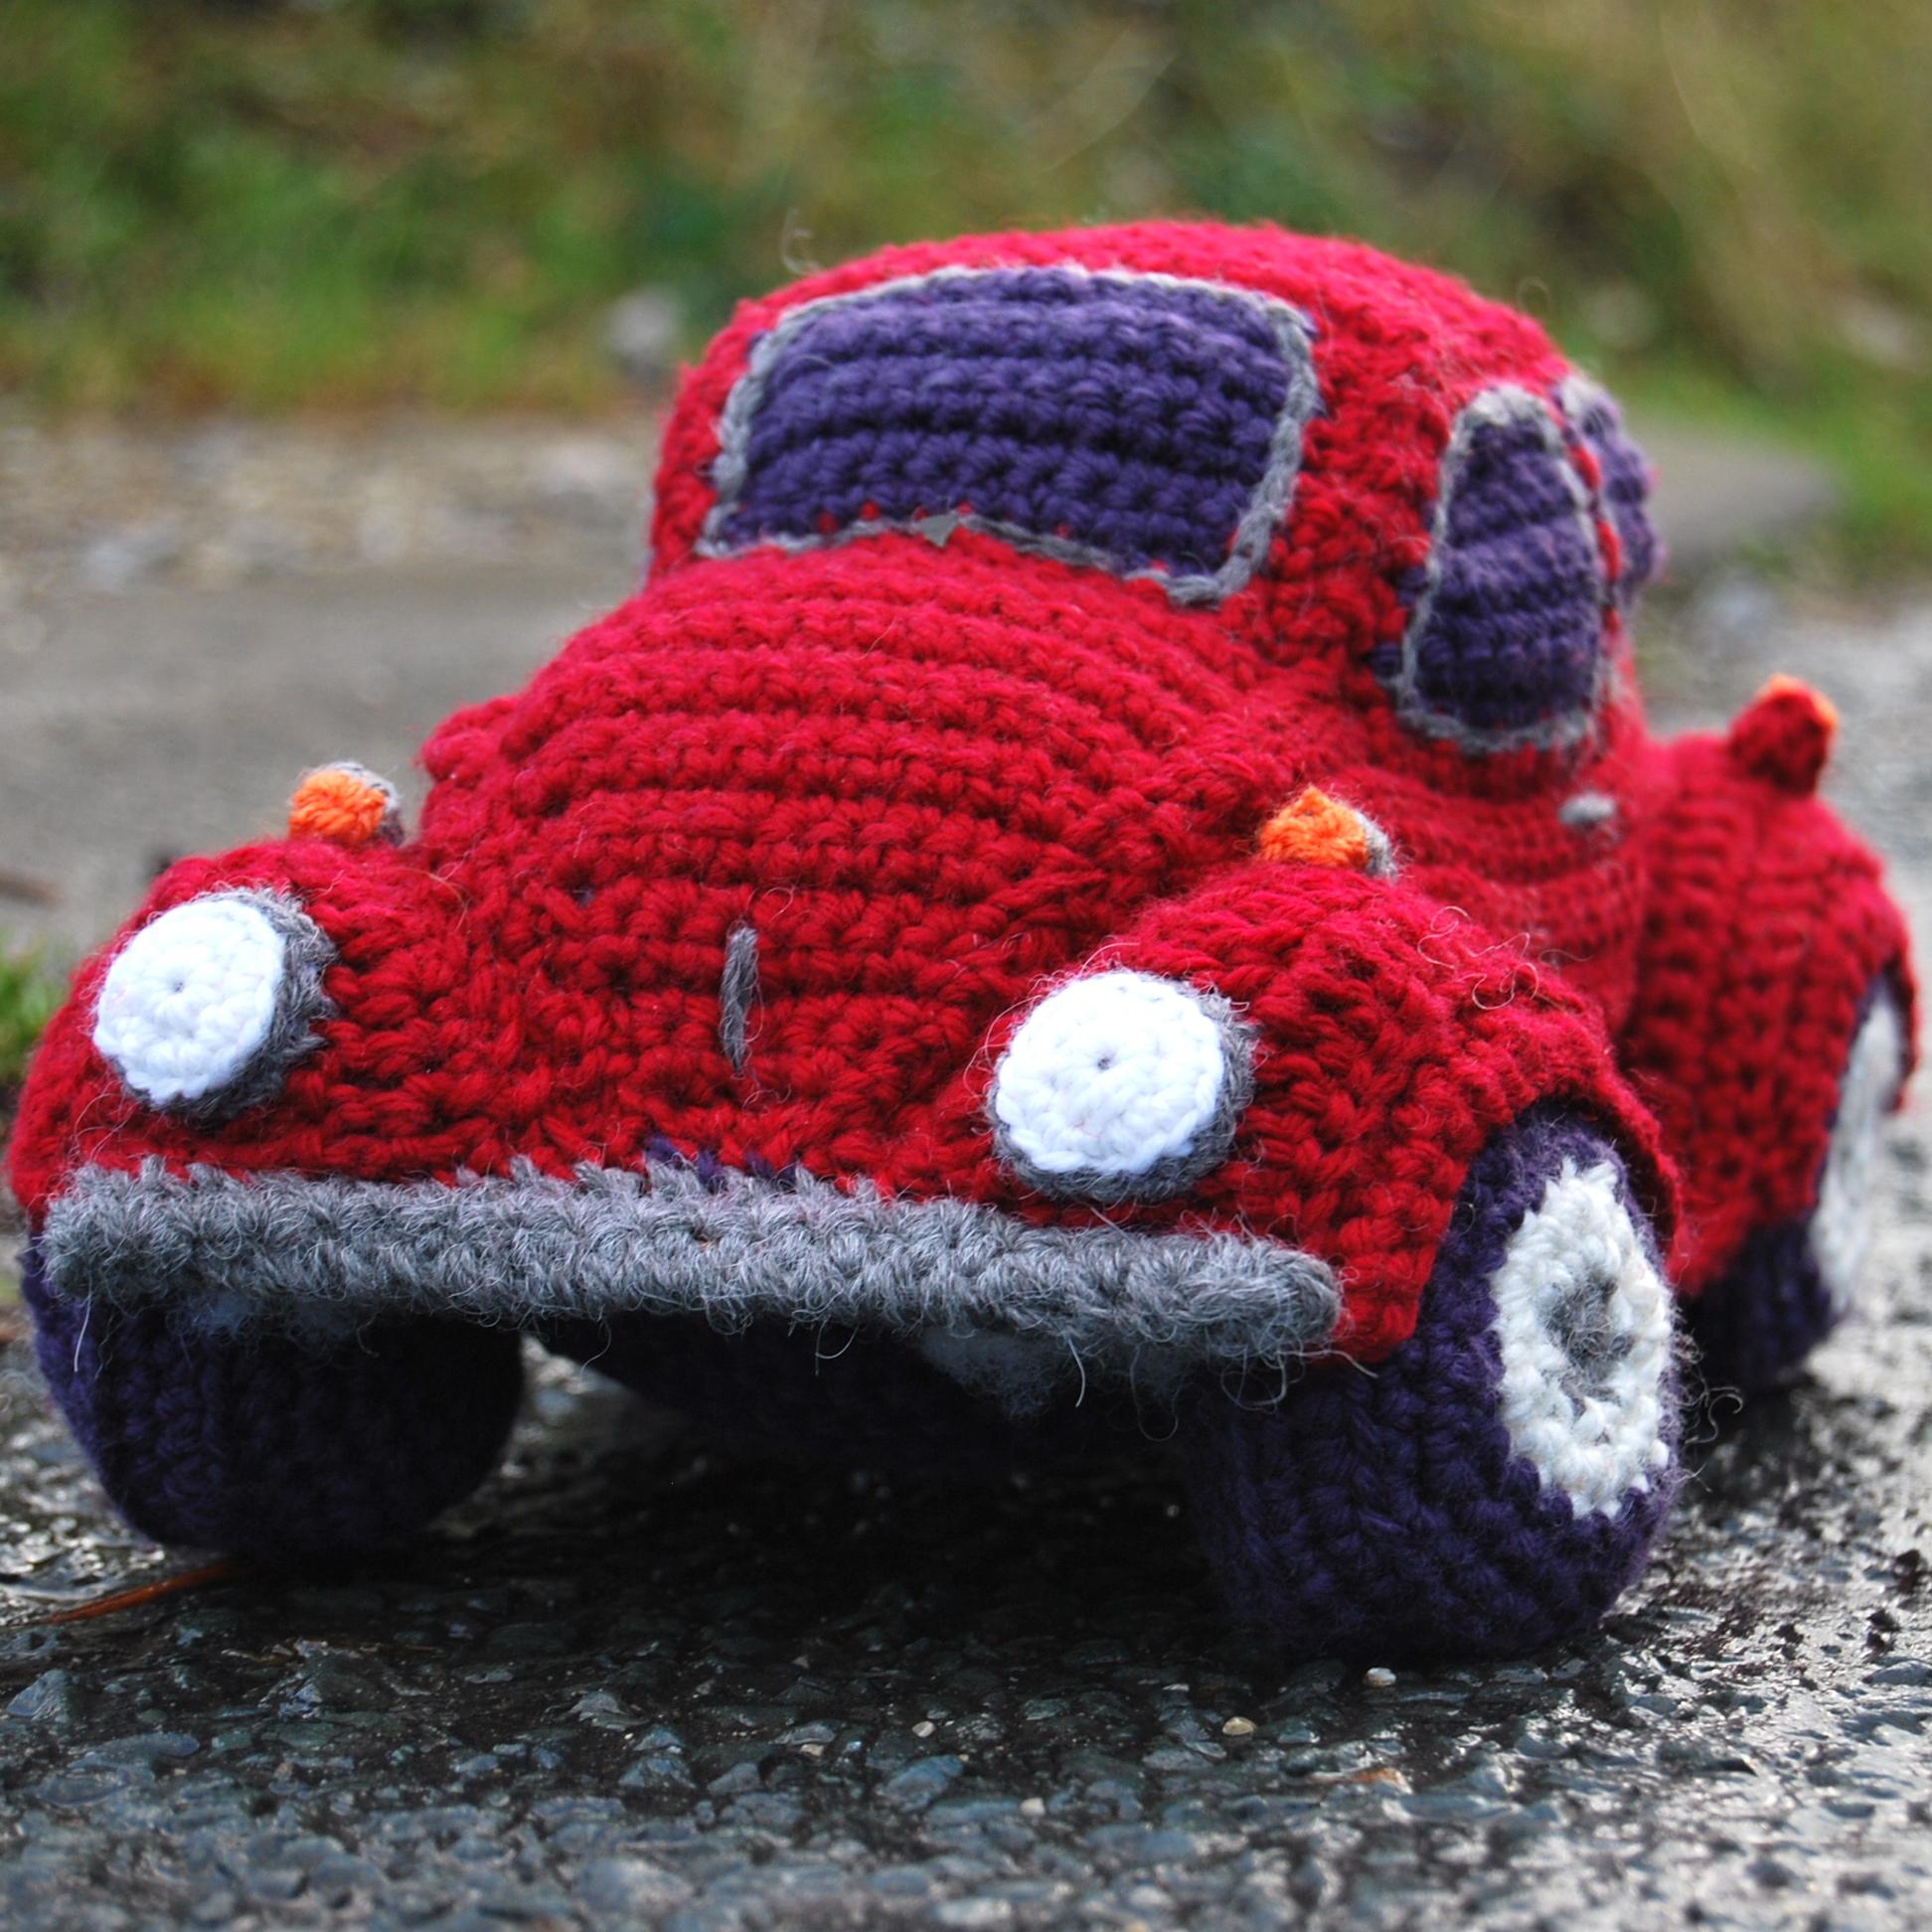 Pdf crochet pattern for hug a bug cuddly car slightly sheepish pdf crochet pattern for hug a bug cuddly car bankloansurffo Gallery